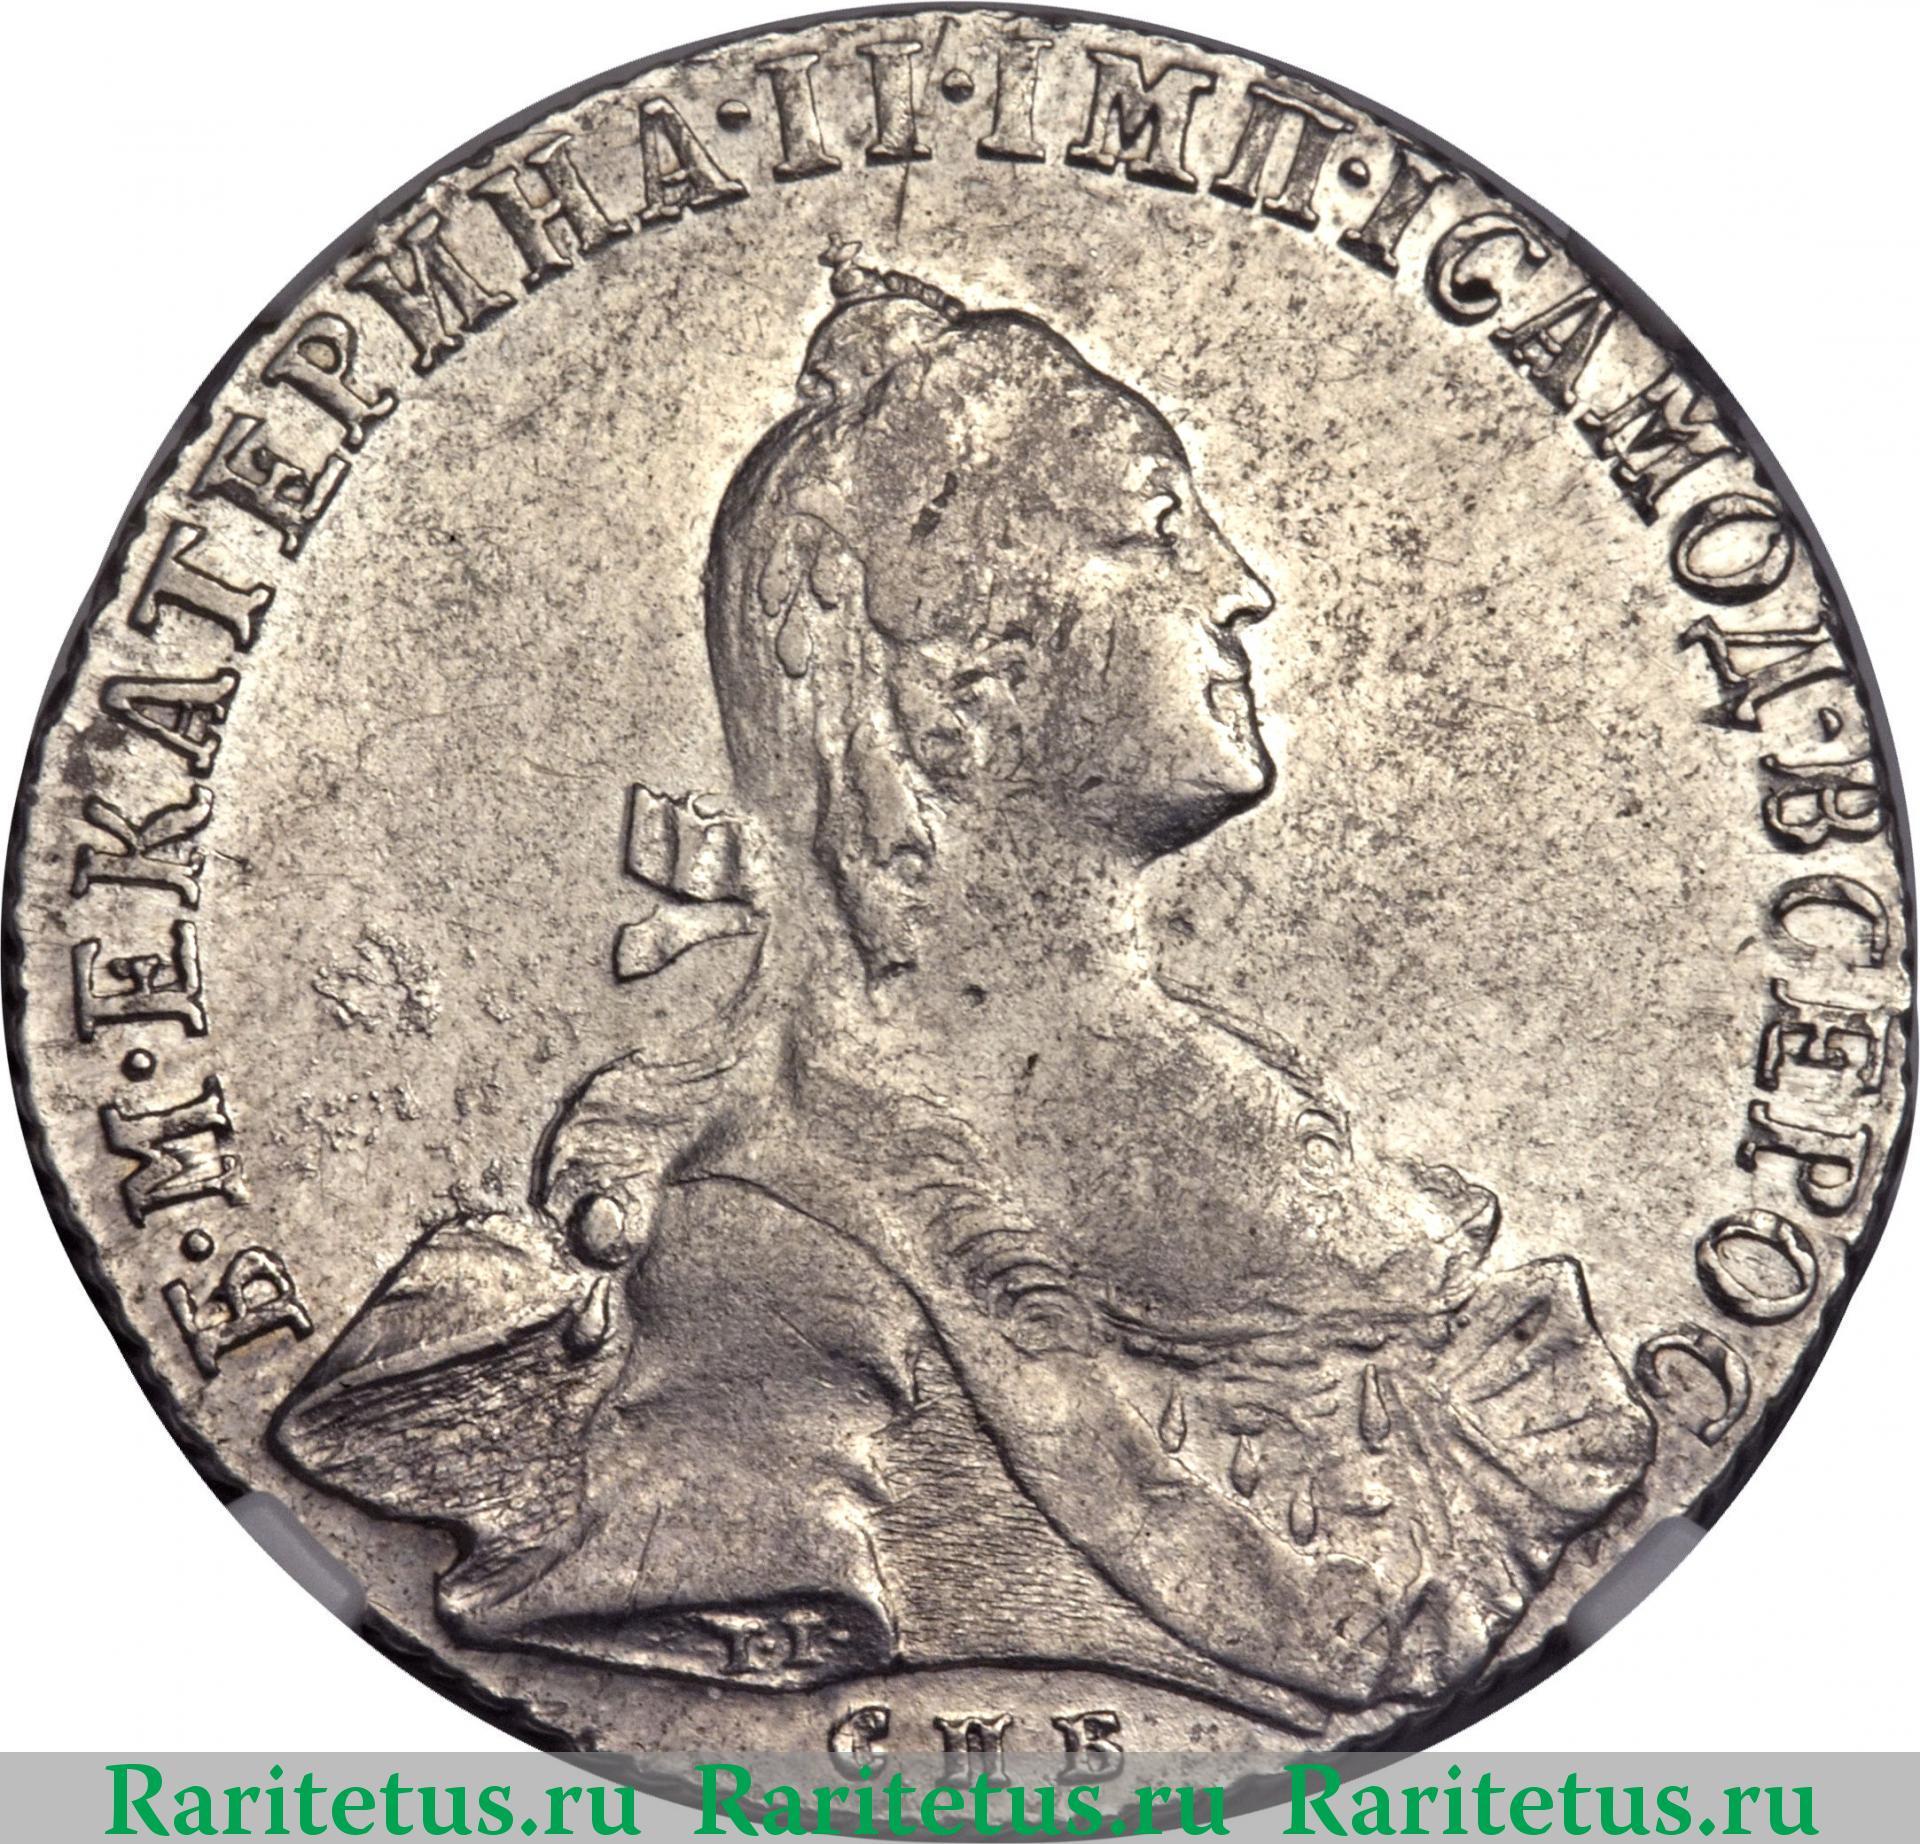 Аверс монеты полтина 1766 года СПБ-TI-АШ